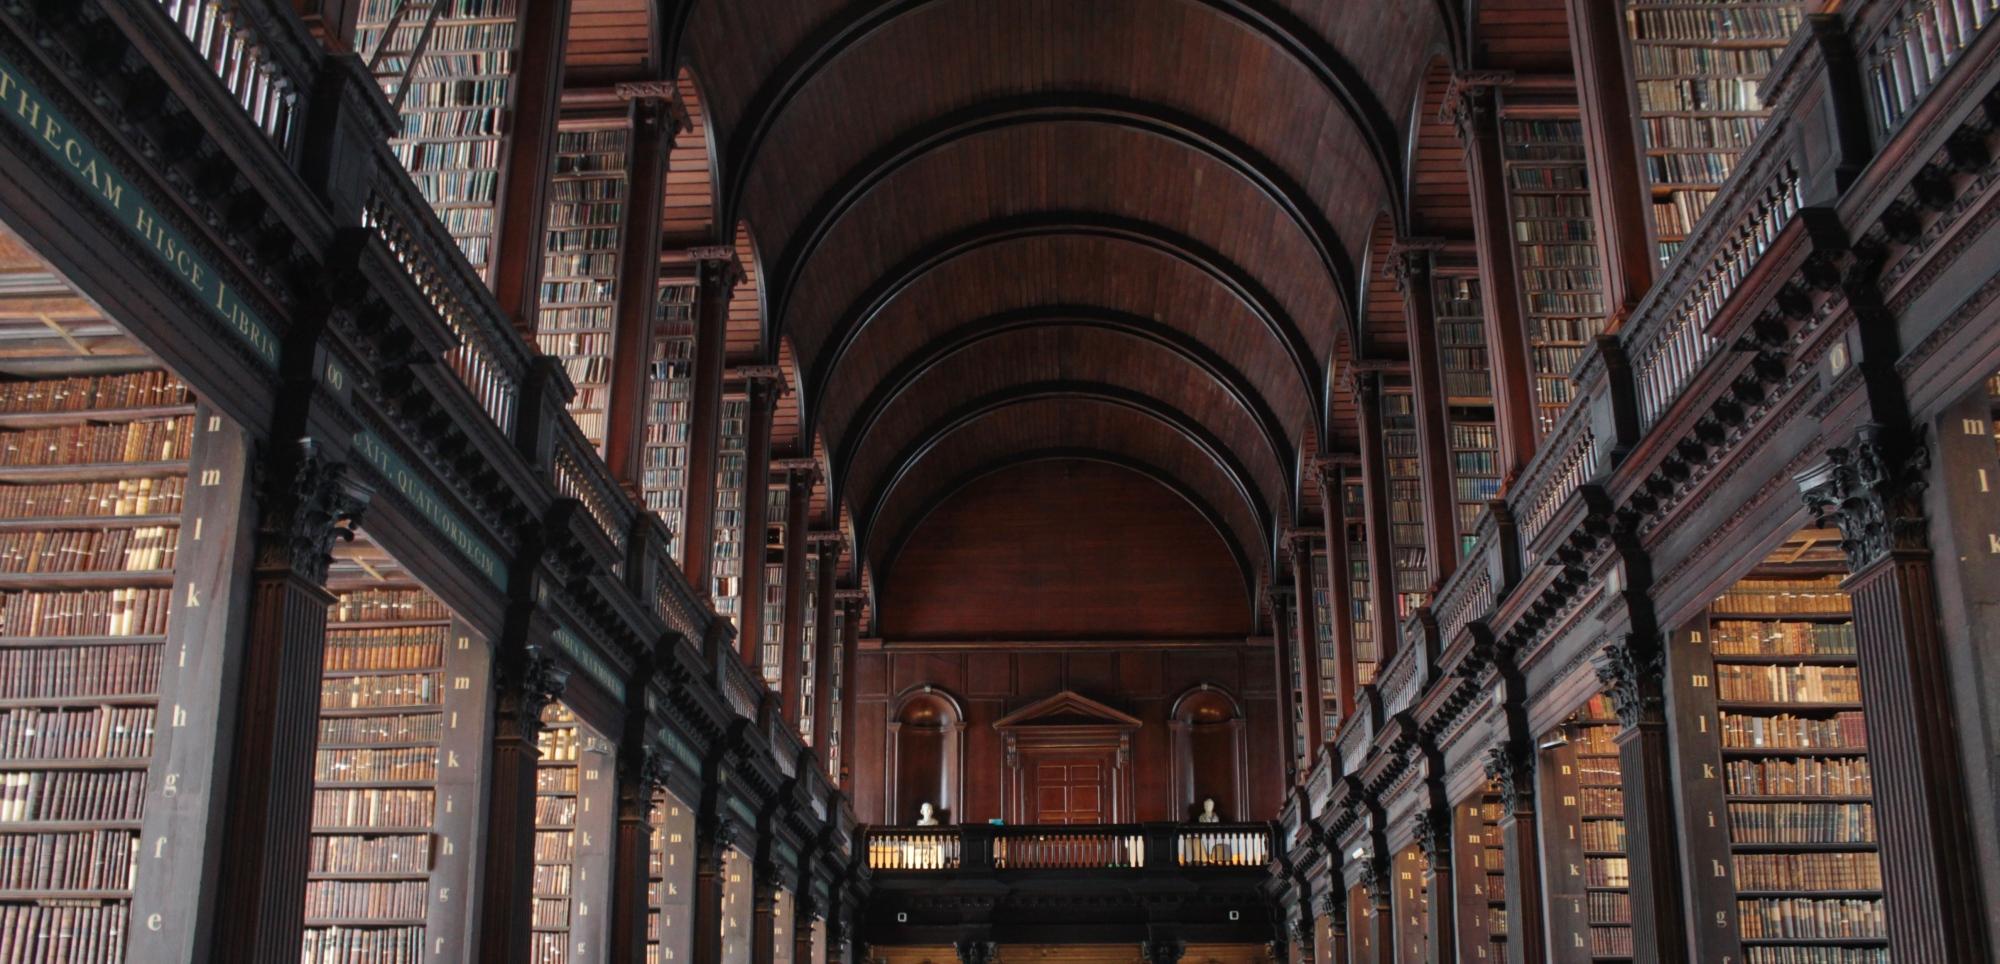 Dublin Photography, Dublin Library, Dublin Library Trinity College, Long Room Library, Long Room Library Dublin